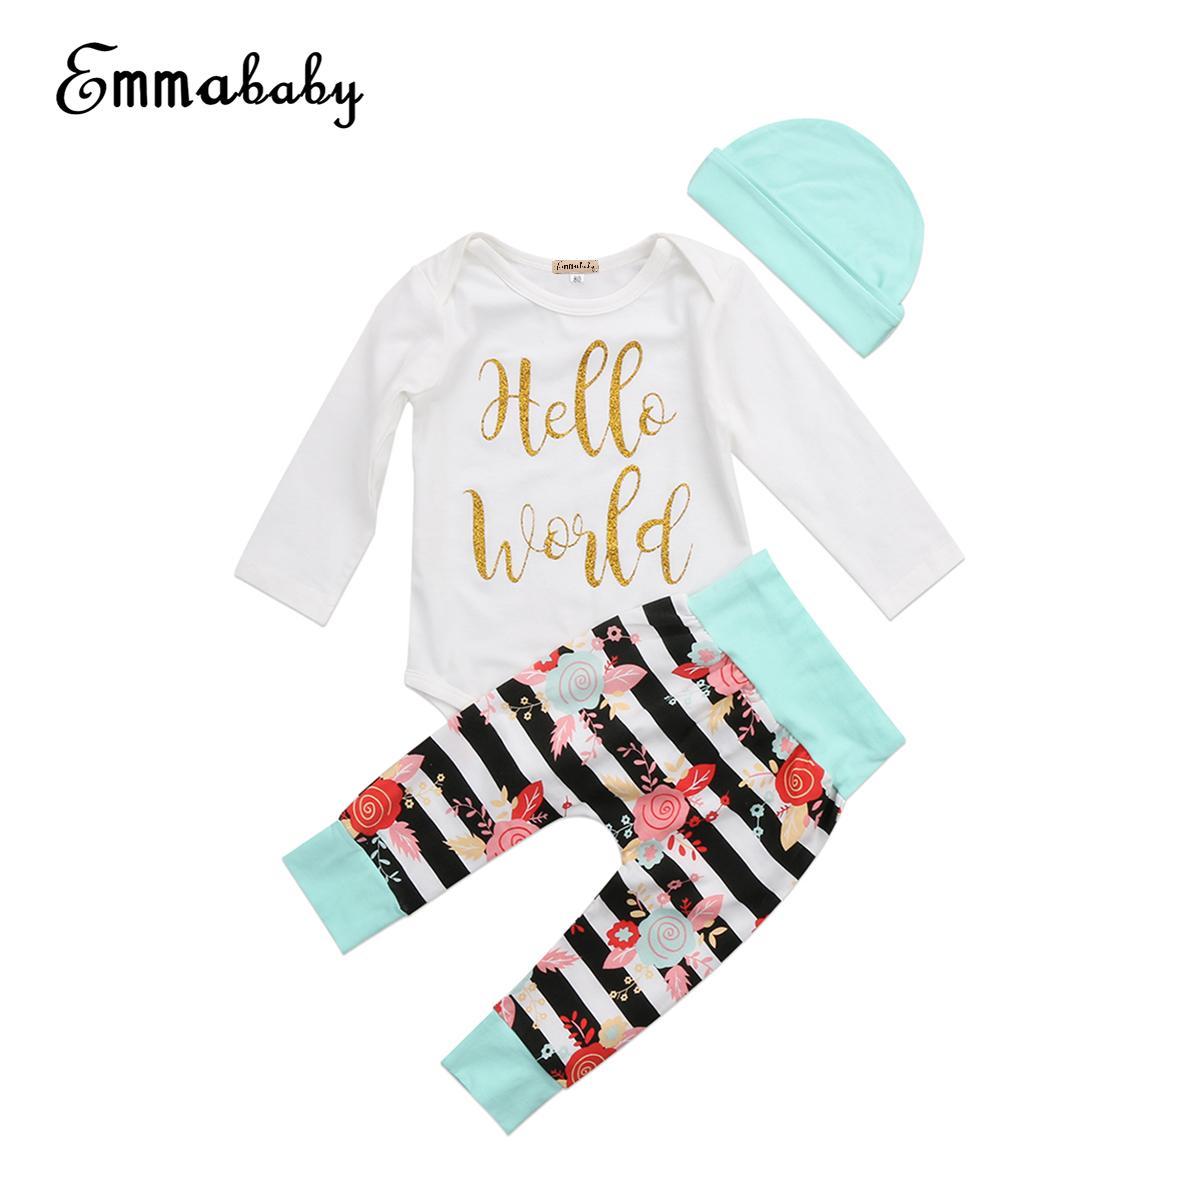 3PCS Recém-nascido Bebé Meninas Calças Roupa Set manga comprida de algodão Romper longo florais Hat Início Outfits Crianças Girl Clothes 0-24M